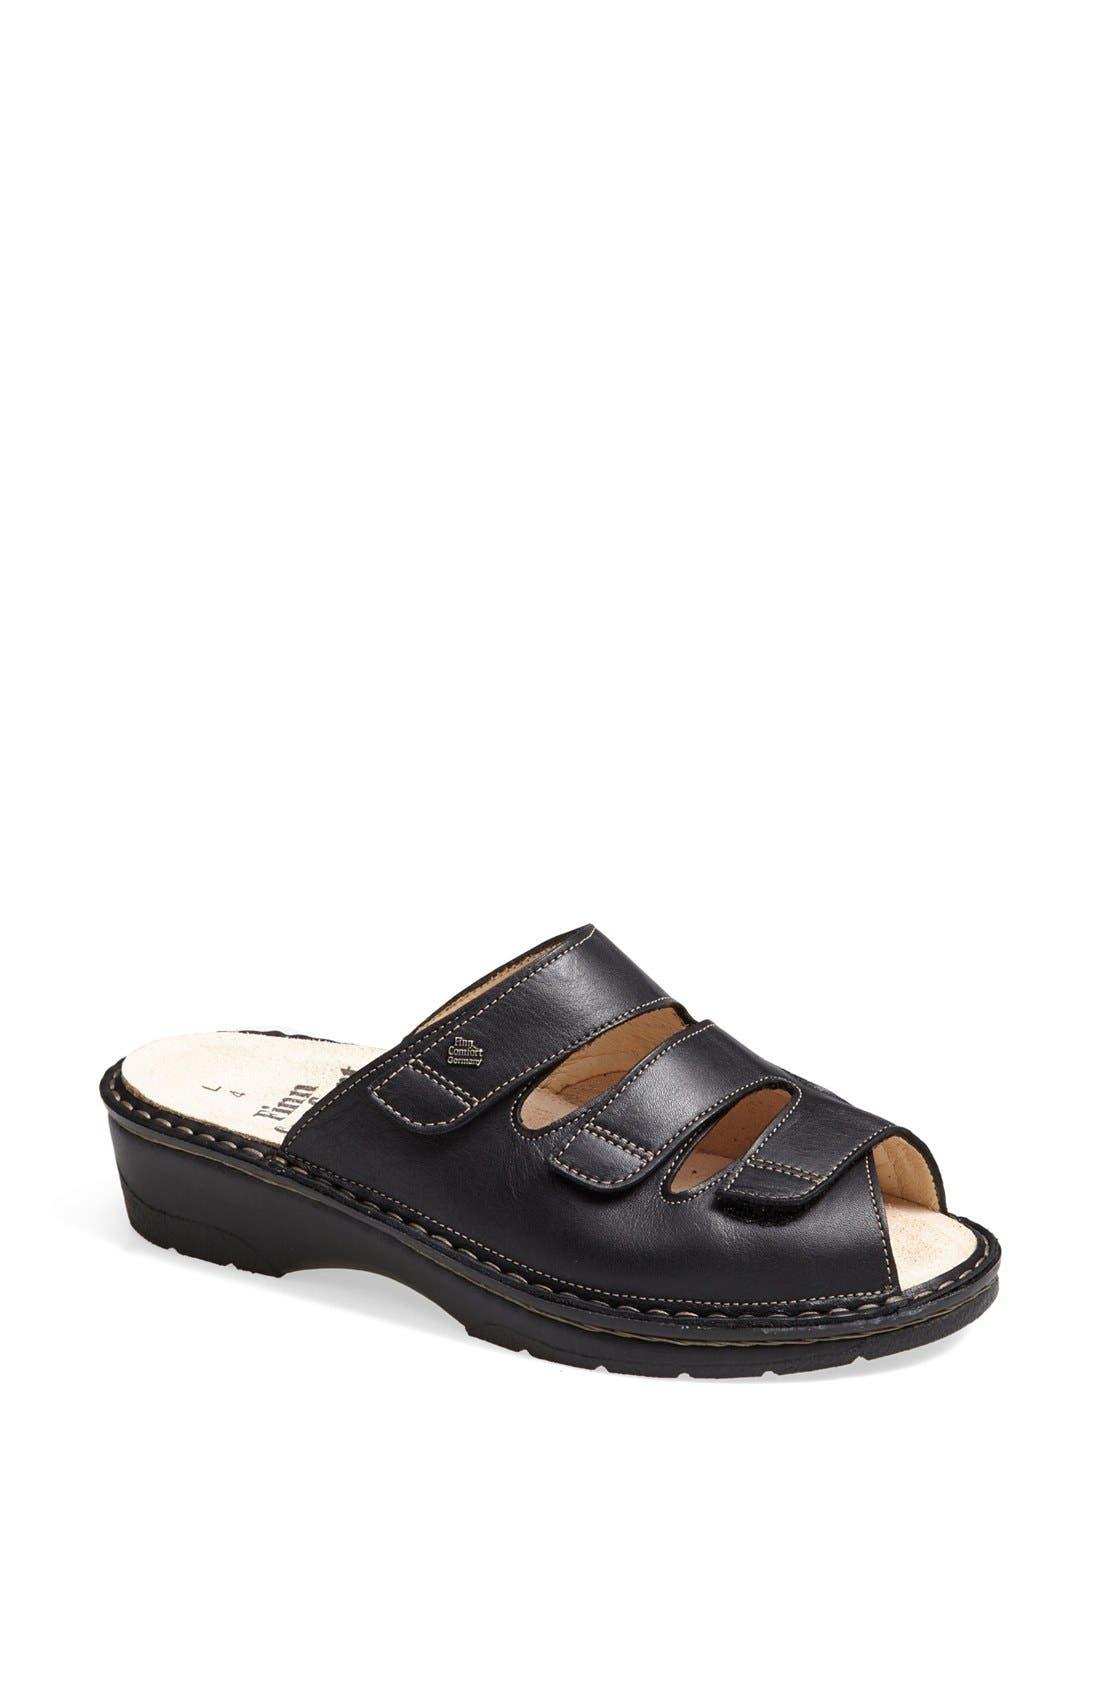 FINN COMFORT Tilburg Leather Sandal